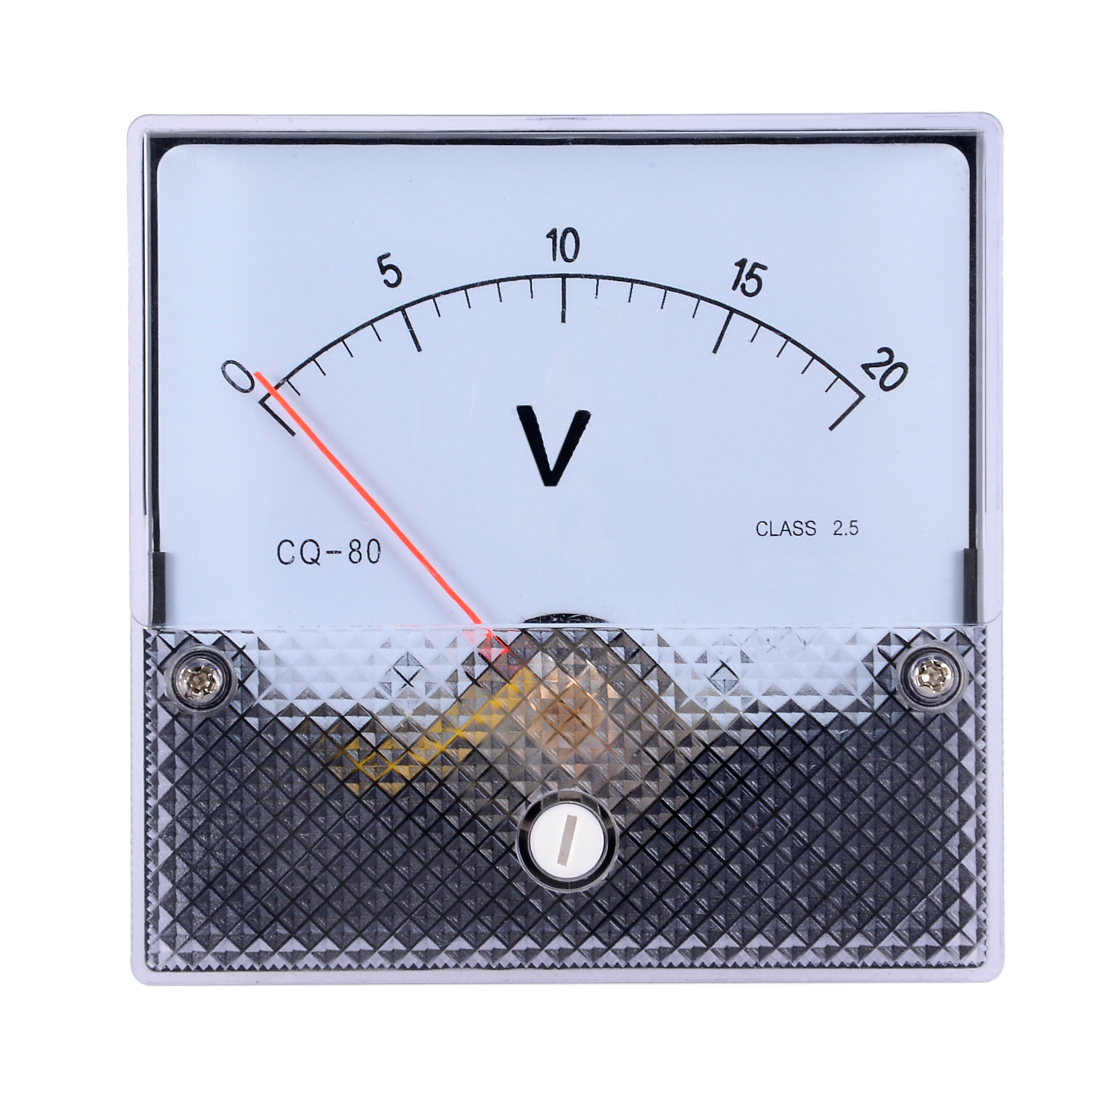 AC 0-20V Analog Panel Voltage Gauge Volt Meter CQ-80 2.5% Error Margin